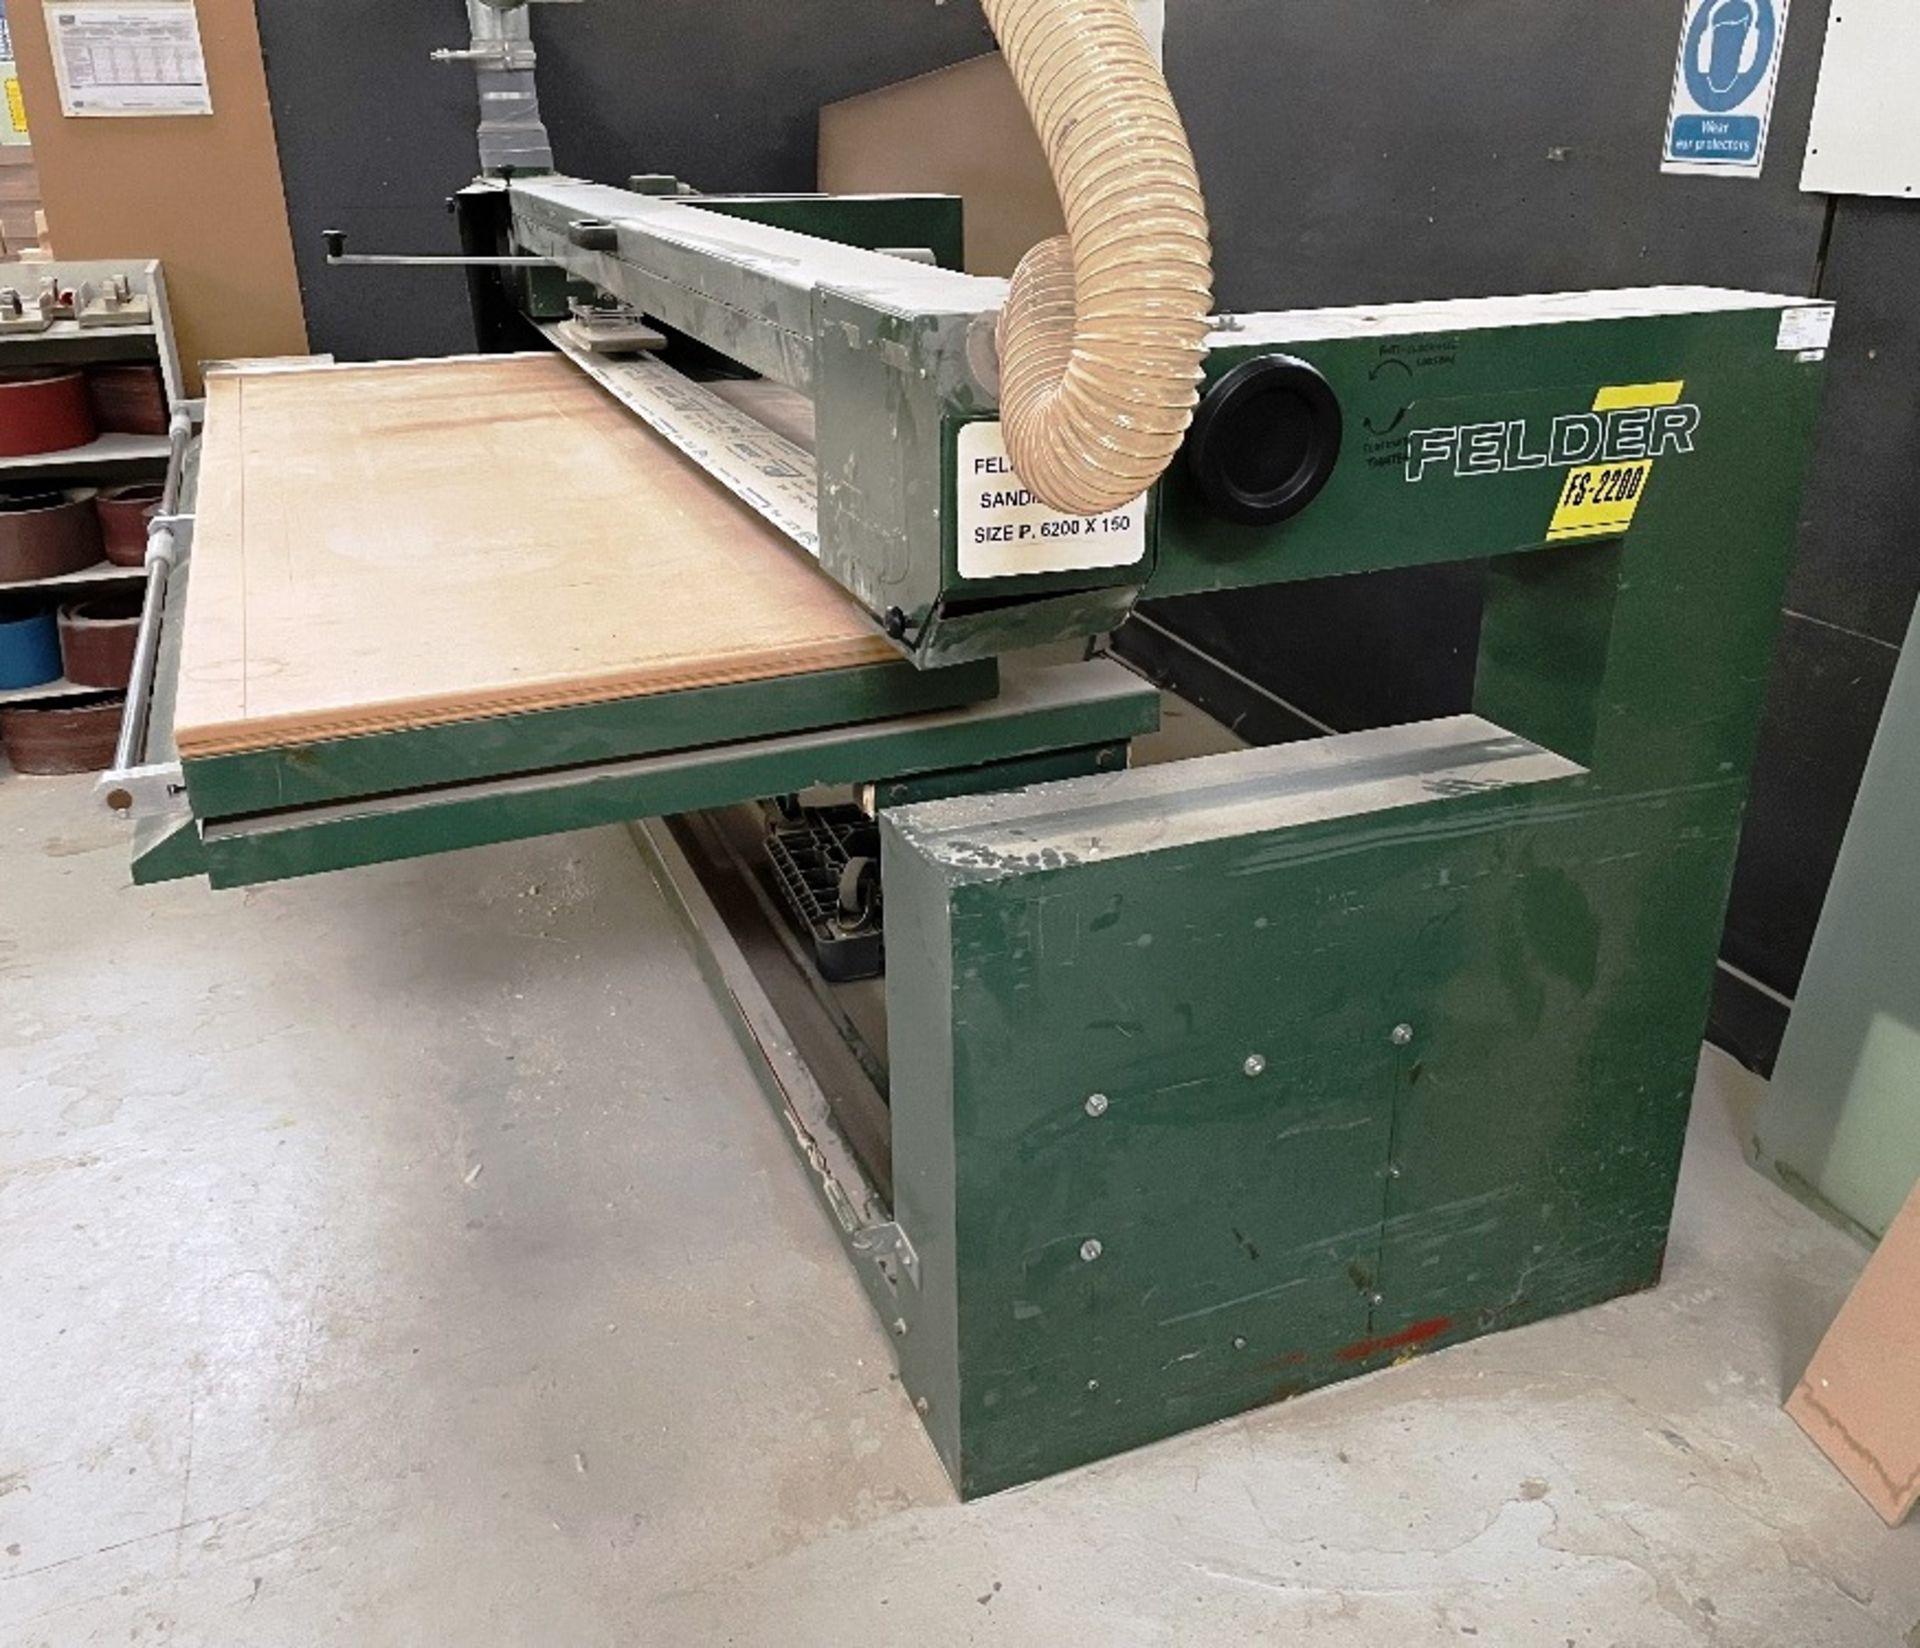 Felder FS 2200 Belt Sander w/ Spare Sanding Belts & Pads - Image 2 of 13